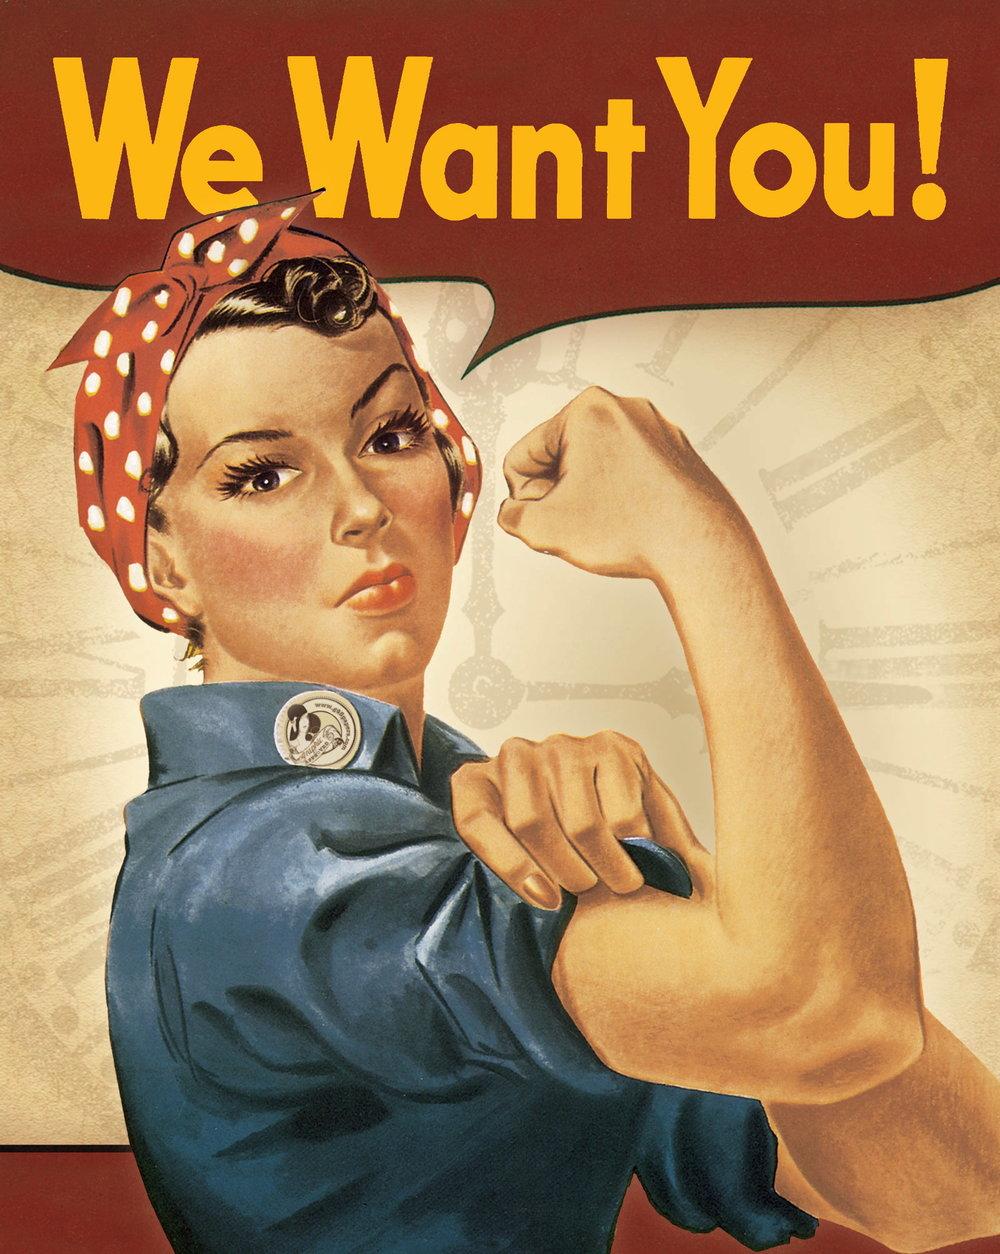 we_want_you_design_poster_2013_v2.jpg